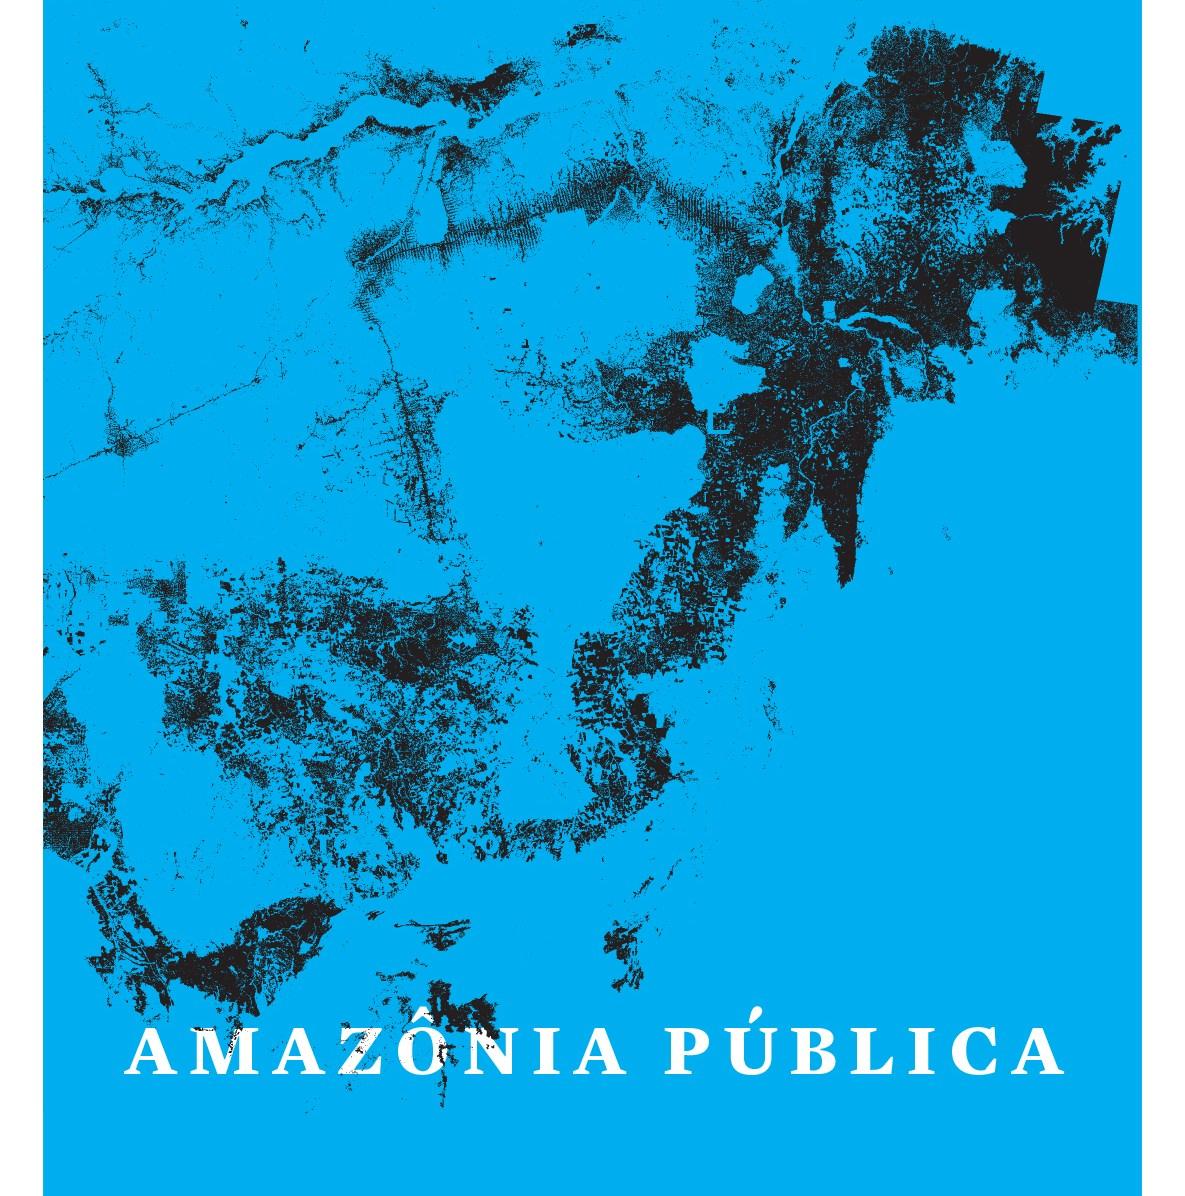 amazonia_publica_pt-1